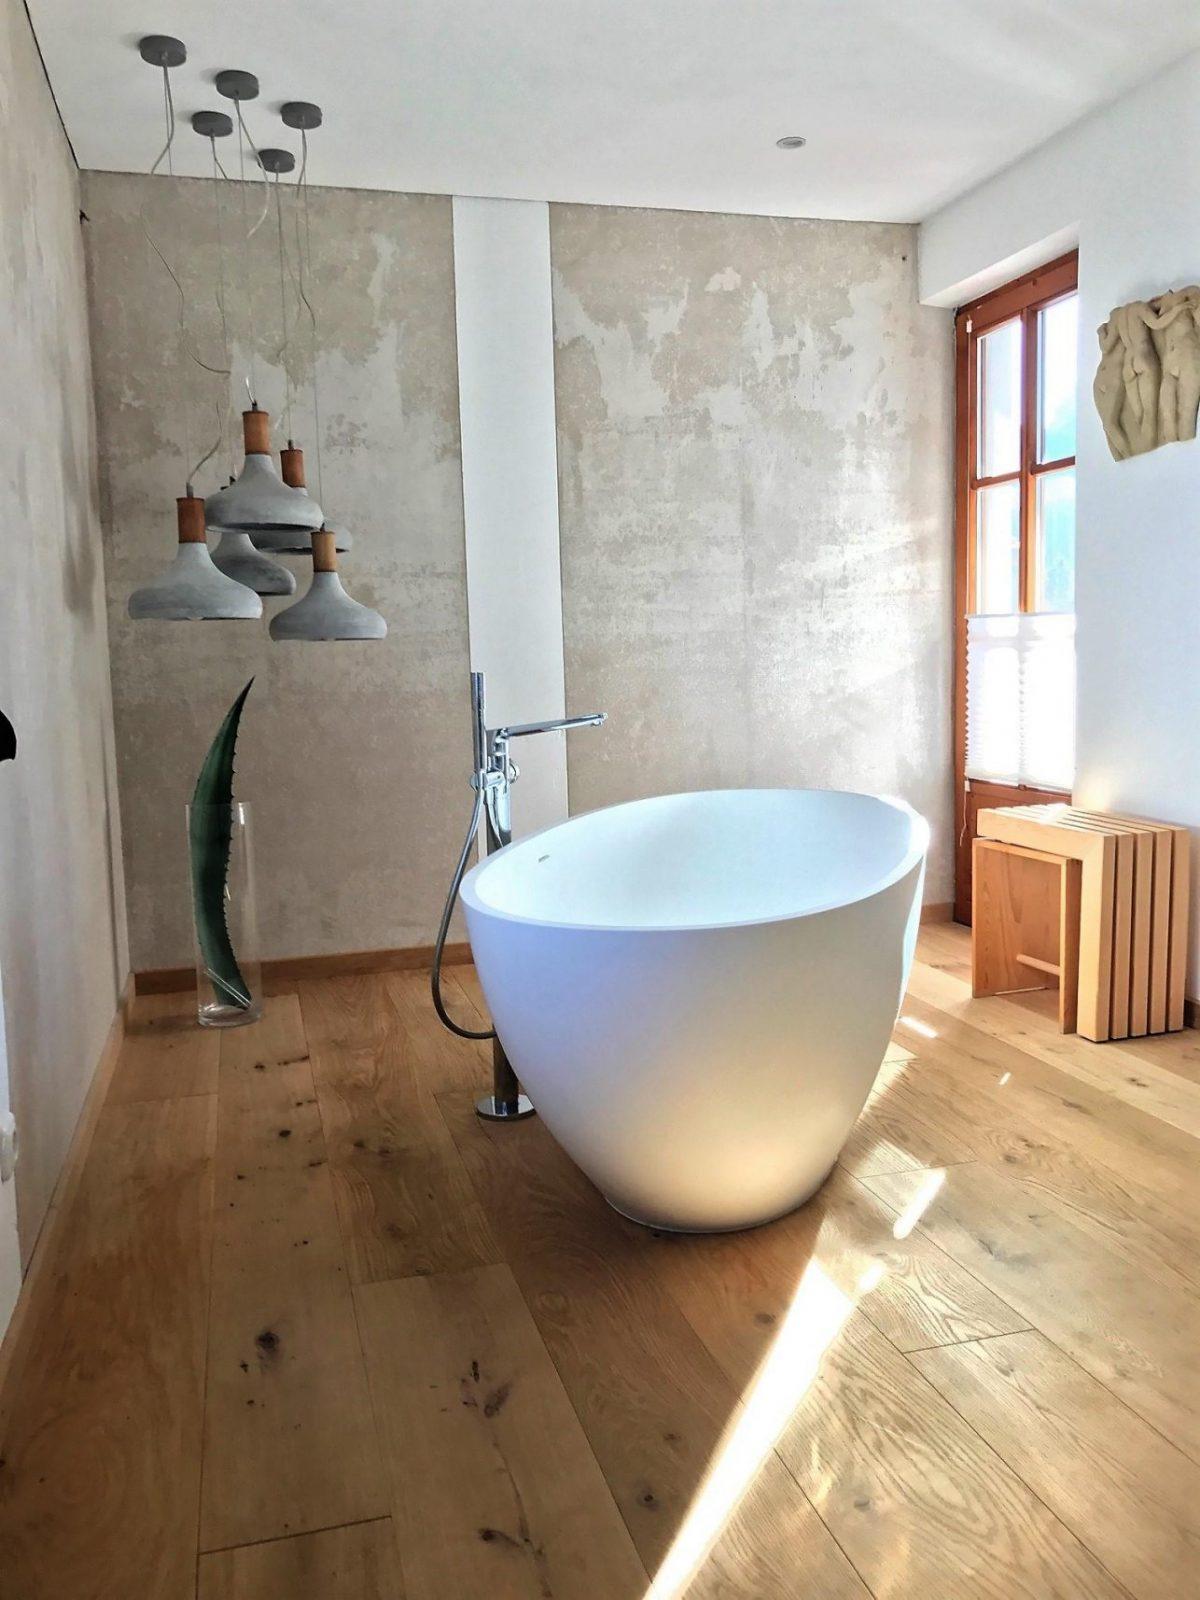 Freihstehende Badewannen Entdecke Hingucker Bei Couch von Bad Mit Freistehender Badewanne Photo